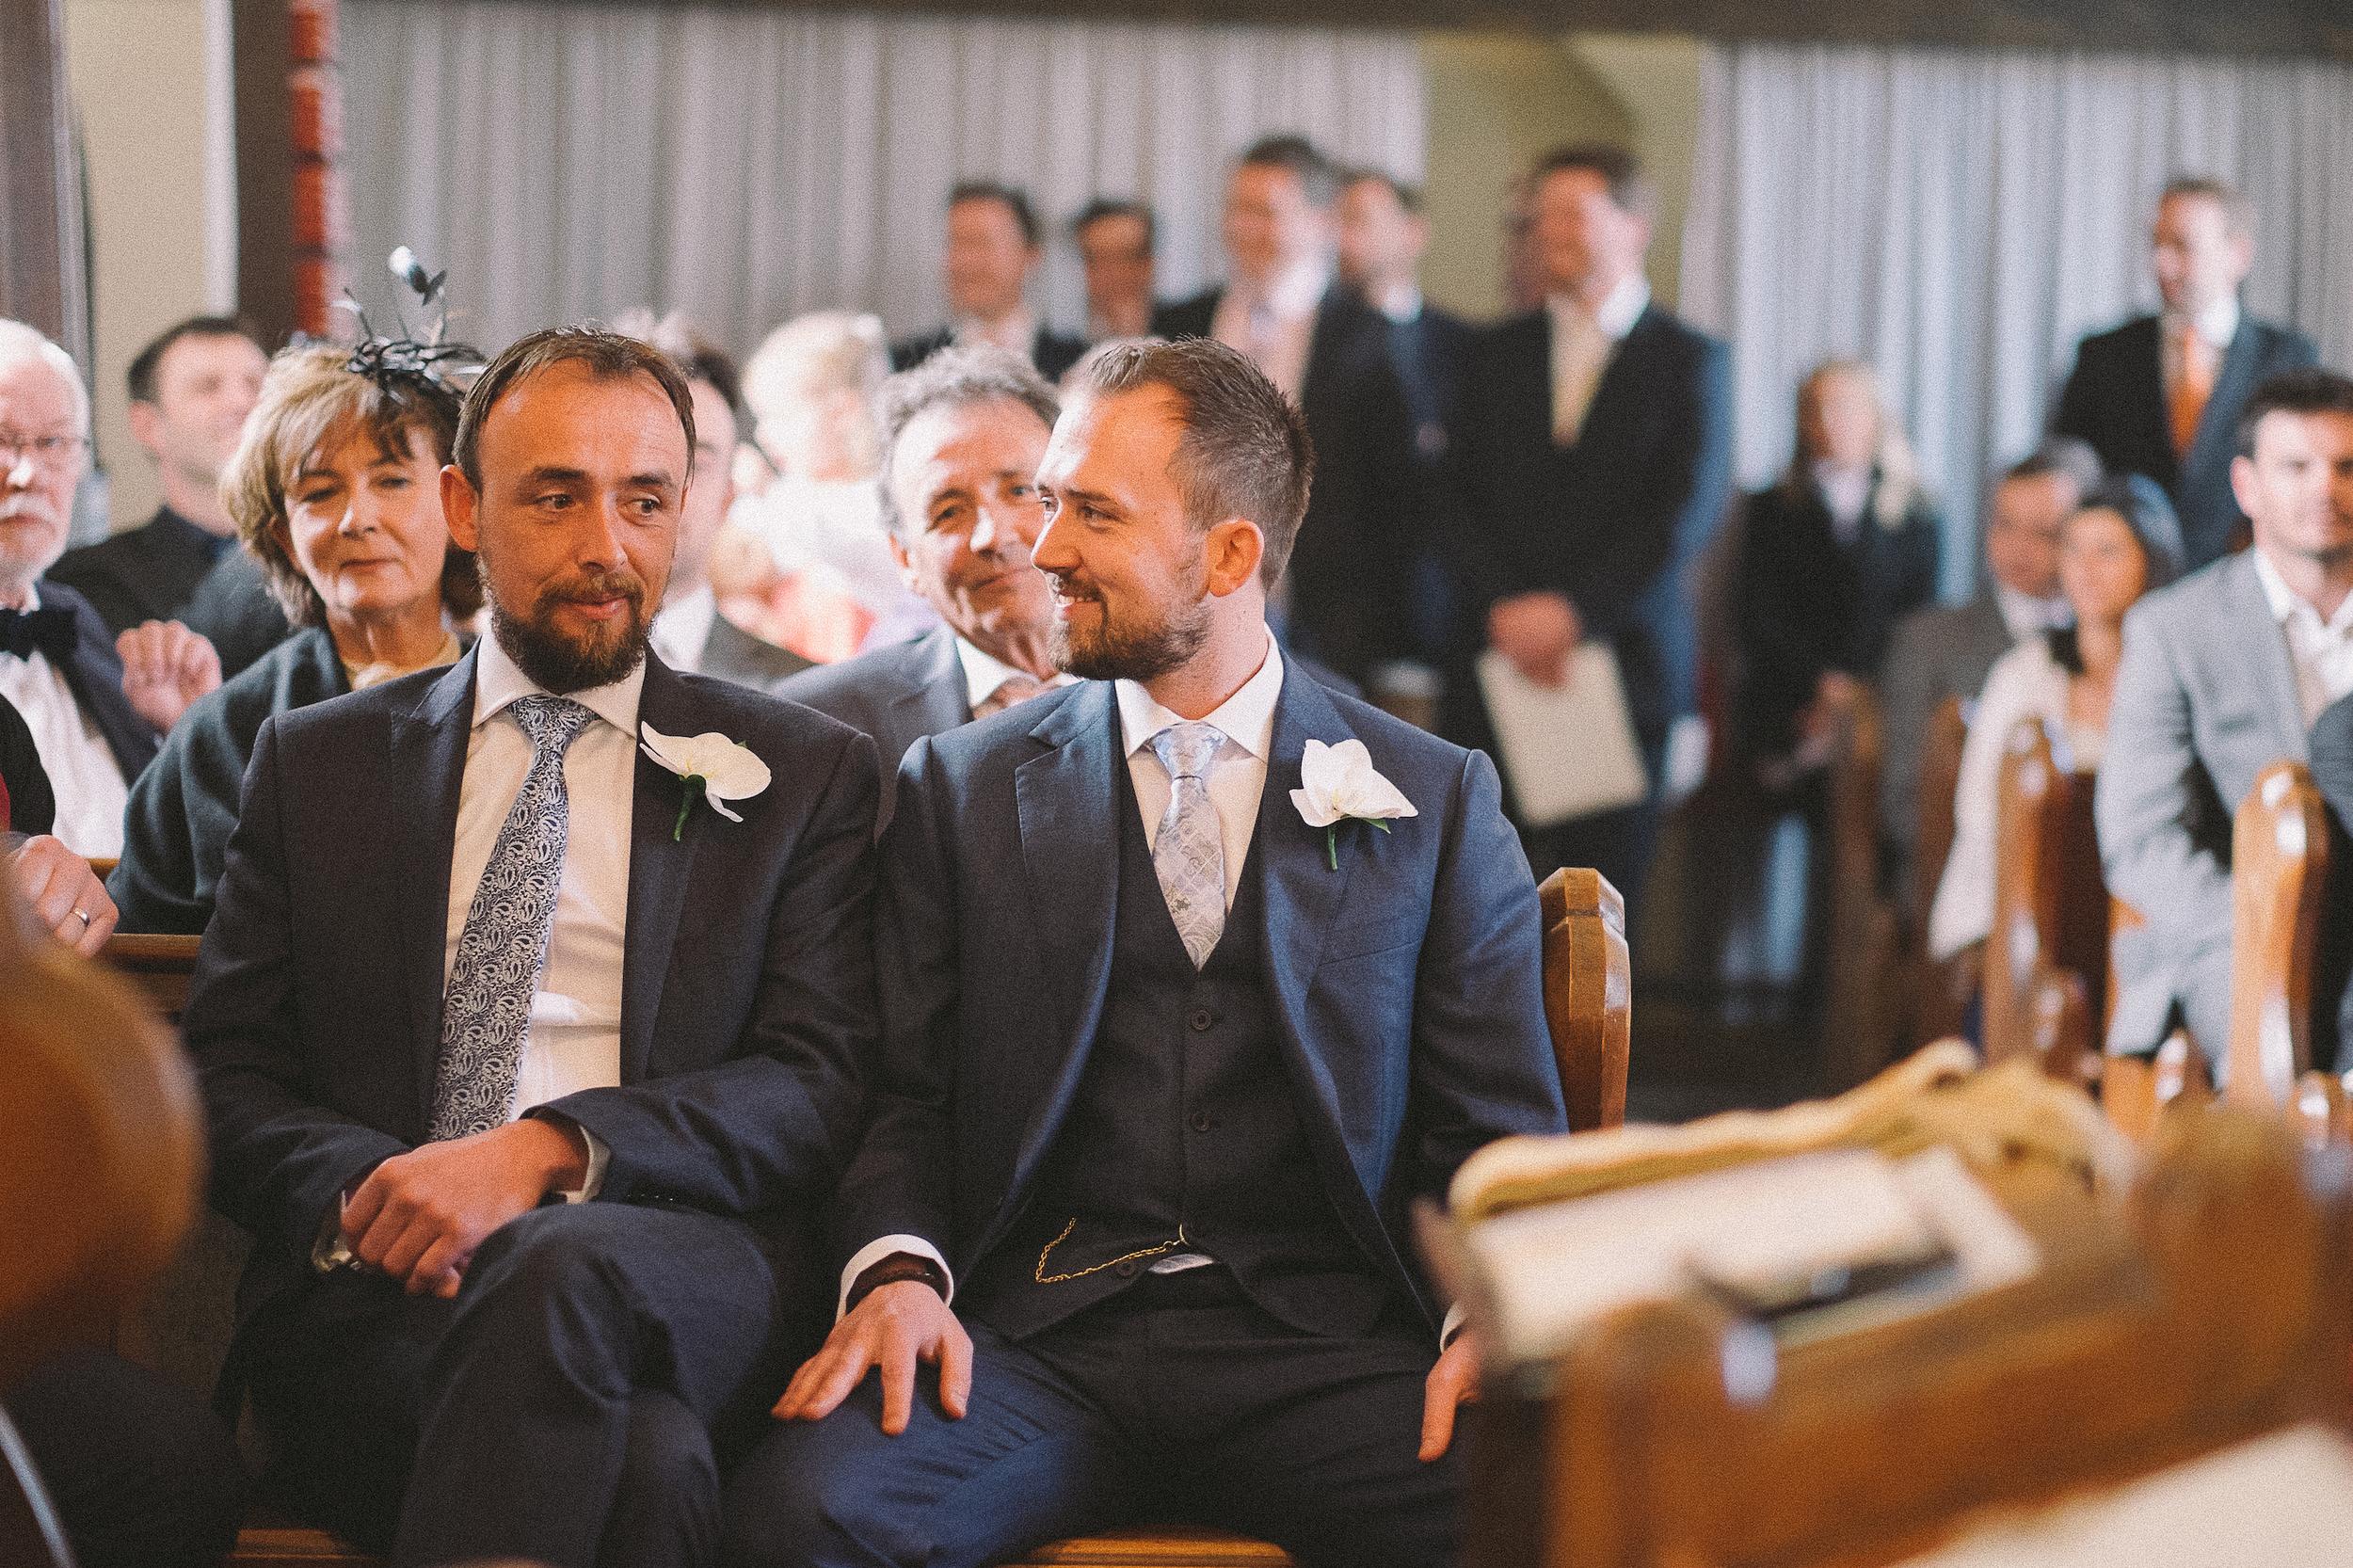 scott_nicole_wedding-104.jpg